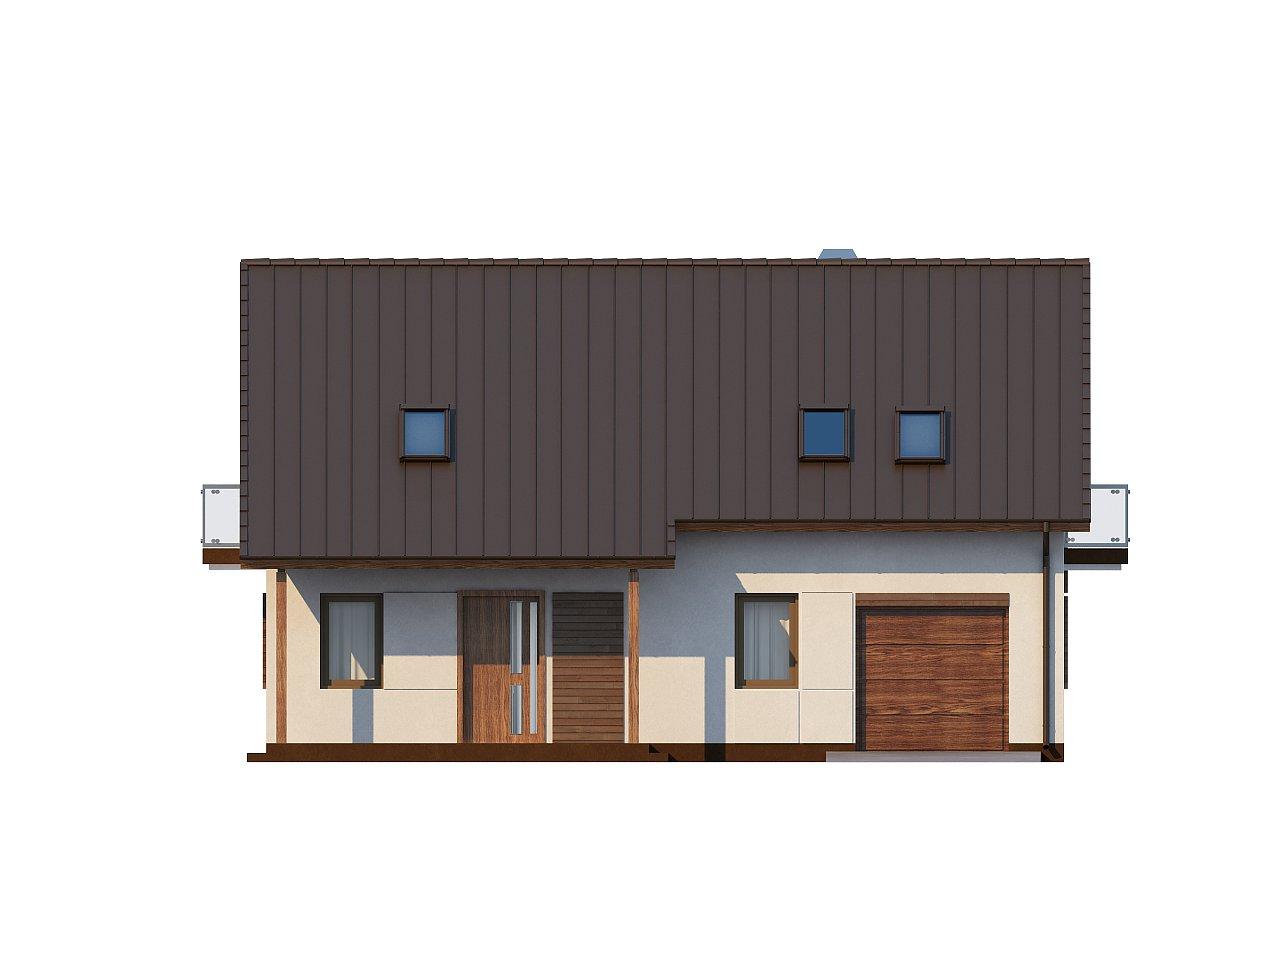 Практичный дом с мансардой, встроенным гаражом и дополнительной спальней на первом этаже. - фото 3